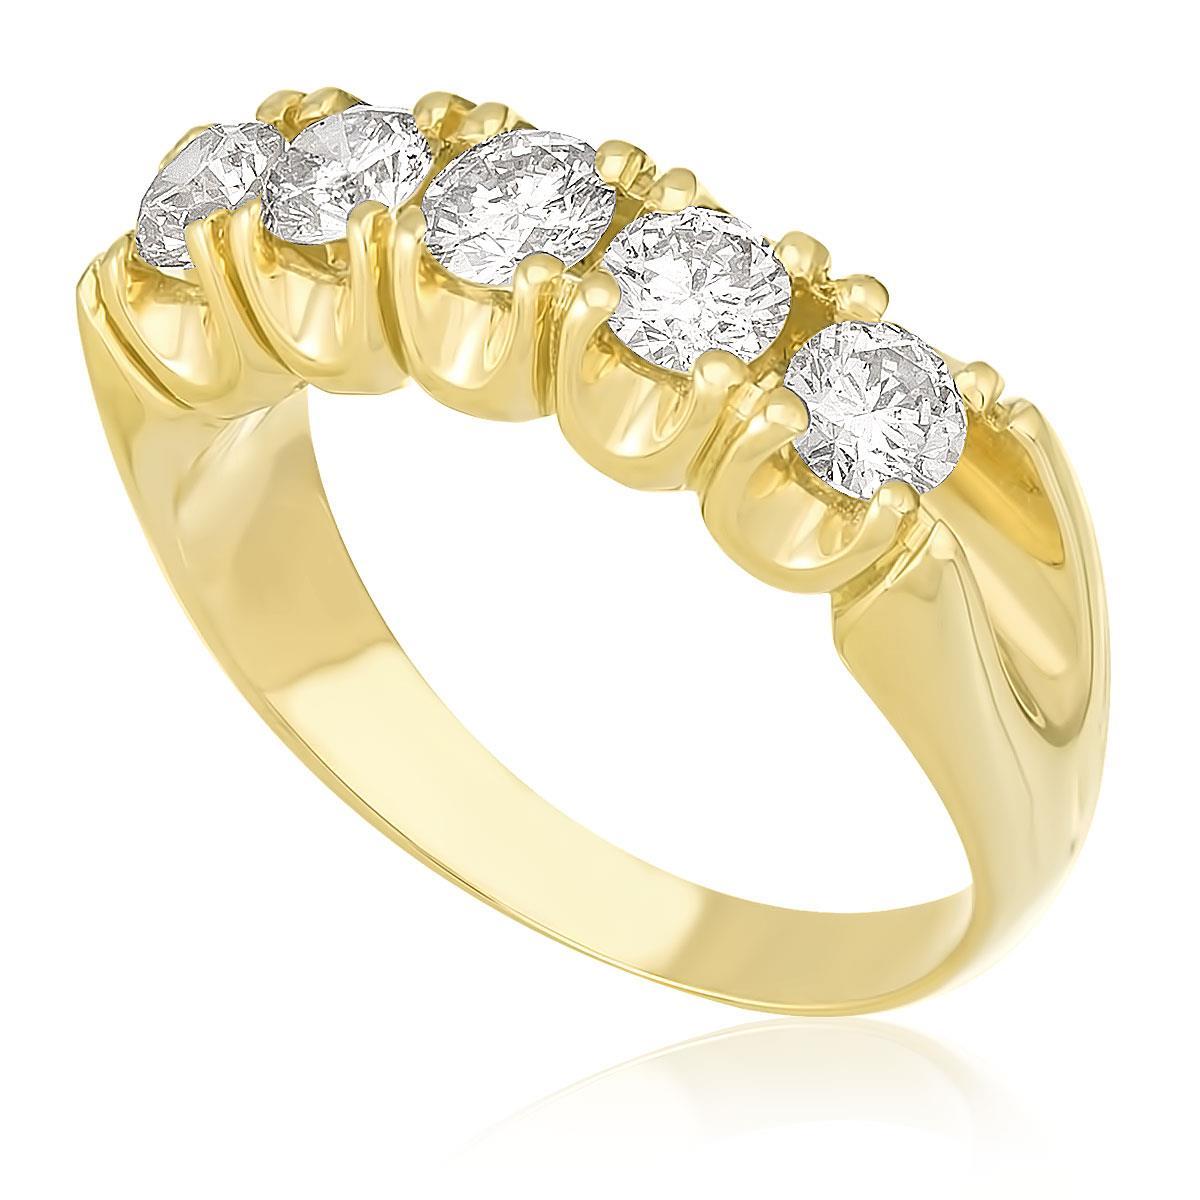 2637b08d47da9 Meia Aliança de ouro com 5 Diamantes totalizando 1